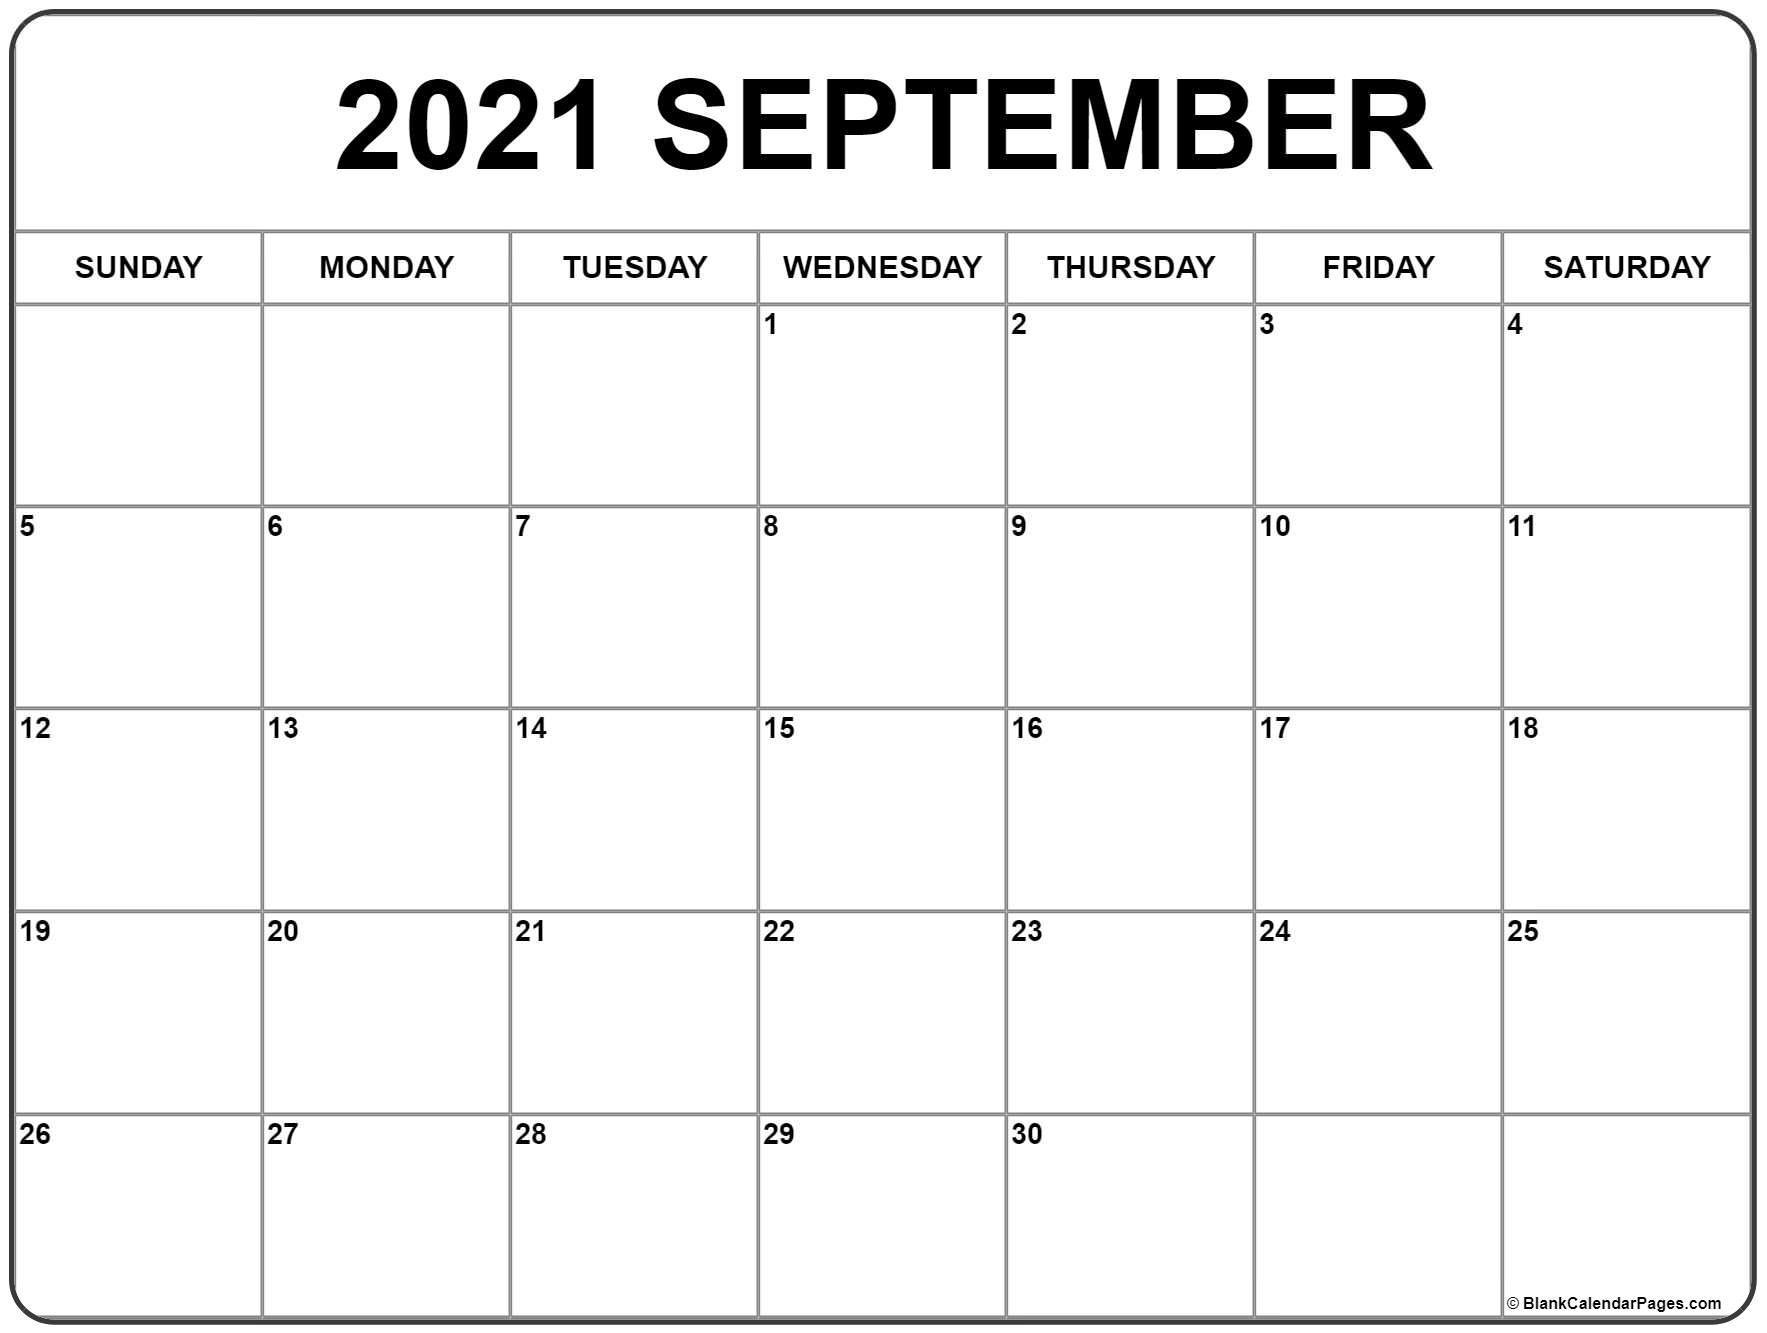 Get Blamk Calander For August And September 2021